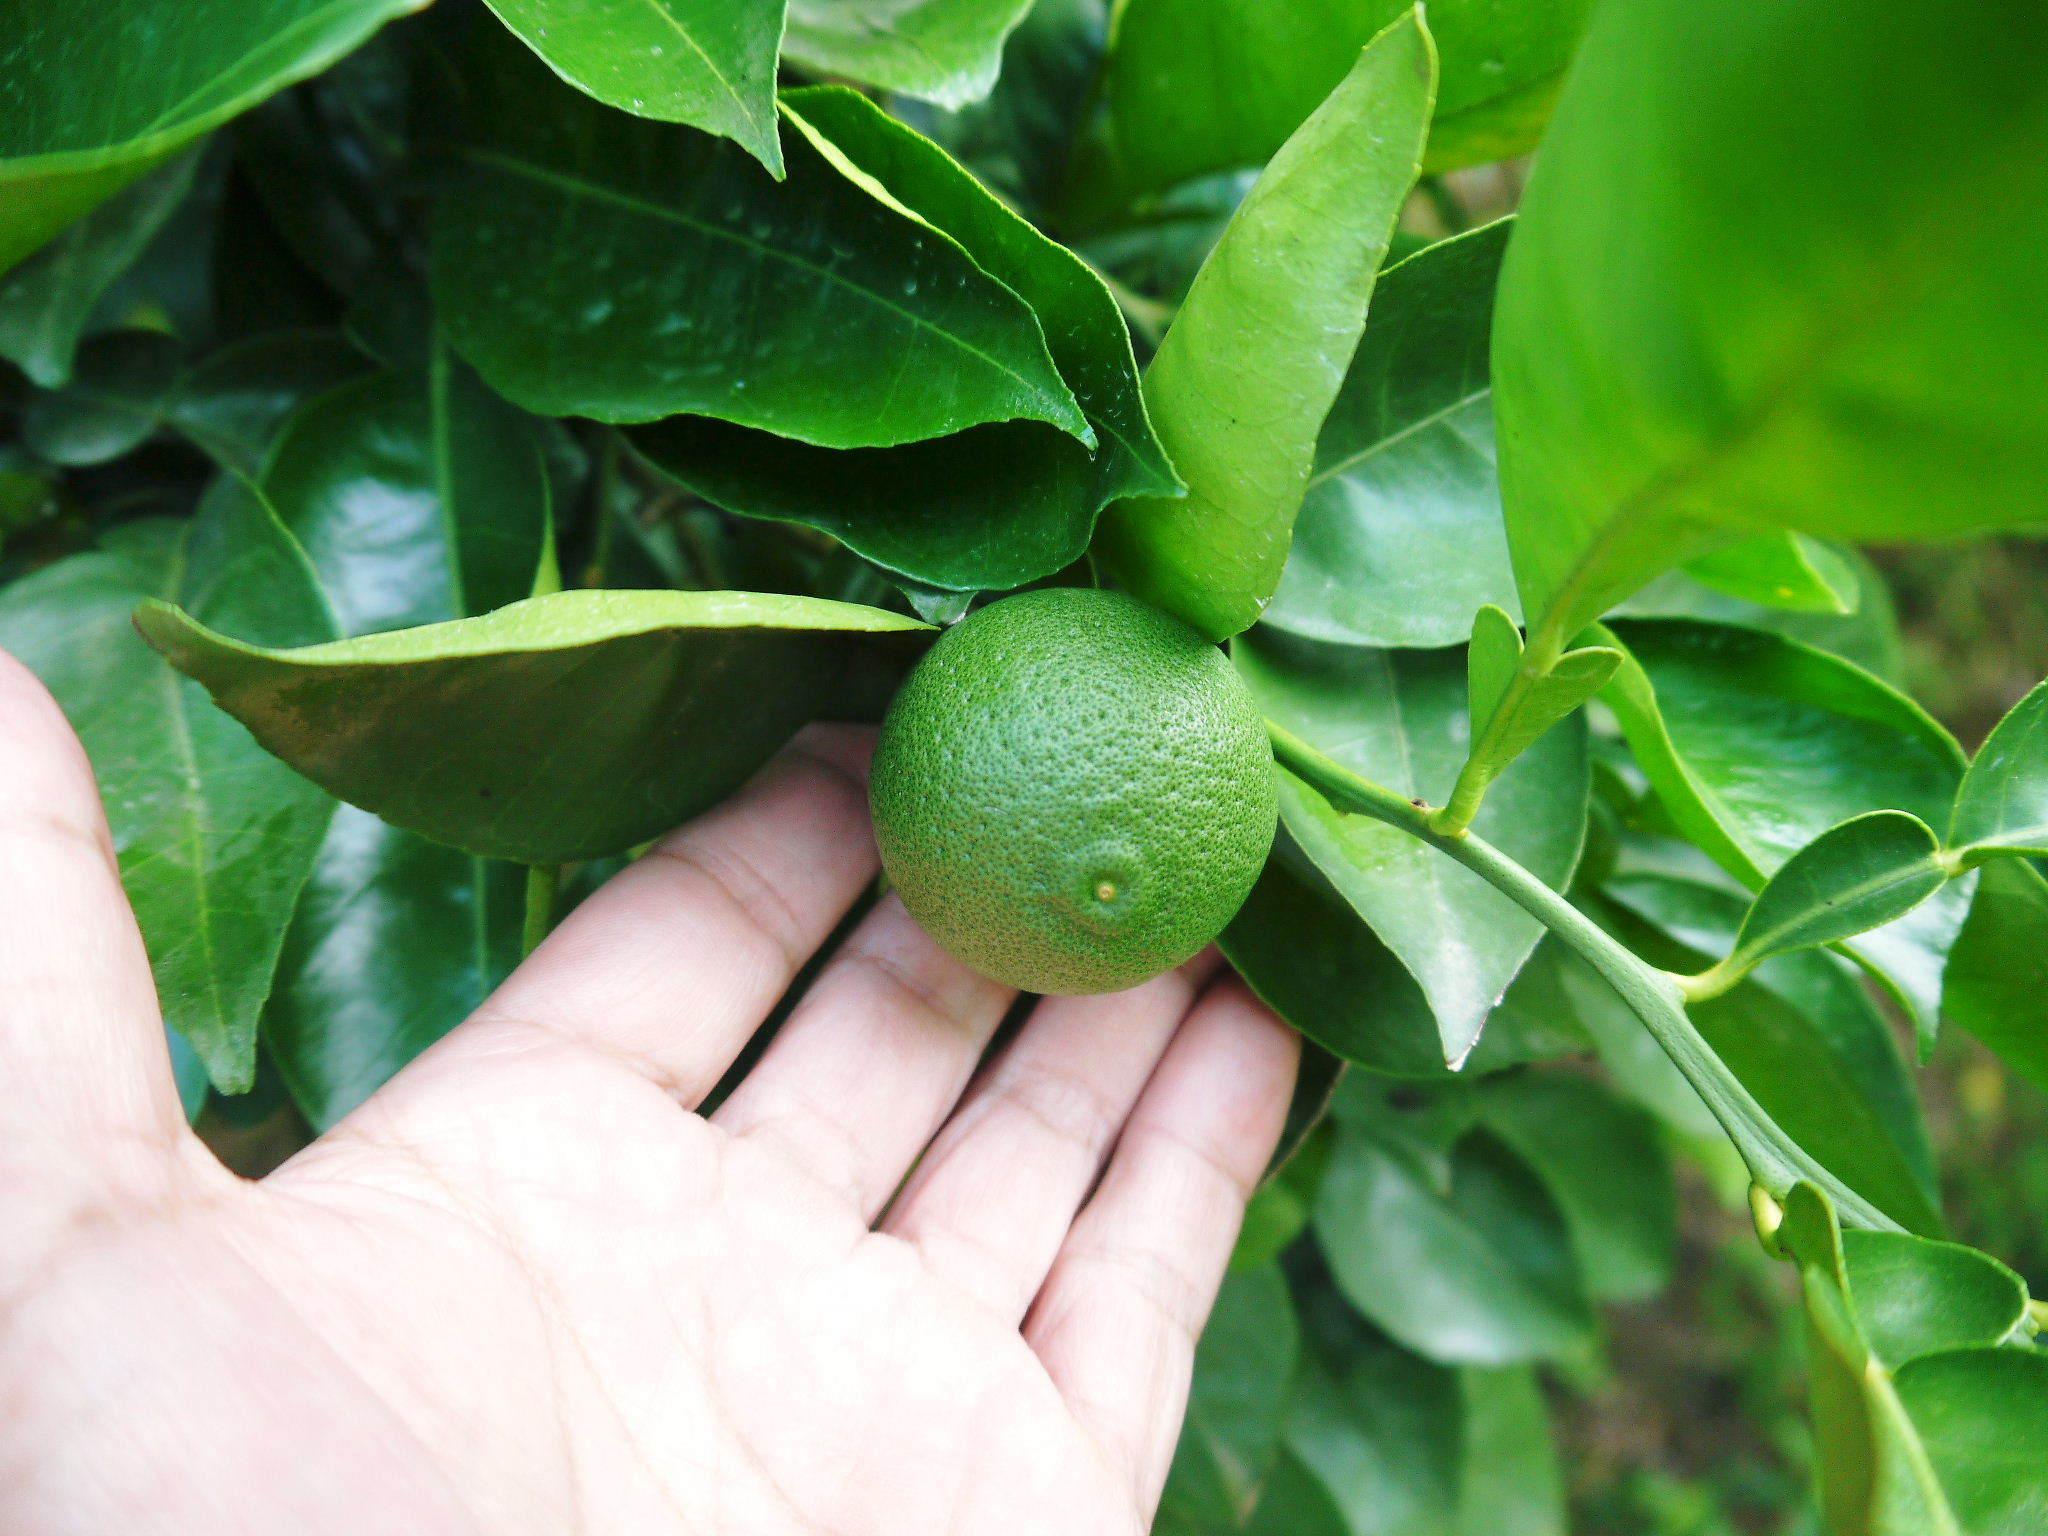 熊本県産!無農薬栽培の『種なしかぼす』令和3年の出荷は8月中旬からです!今年も順調に成長中!_a0254656_18175067.jpg